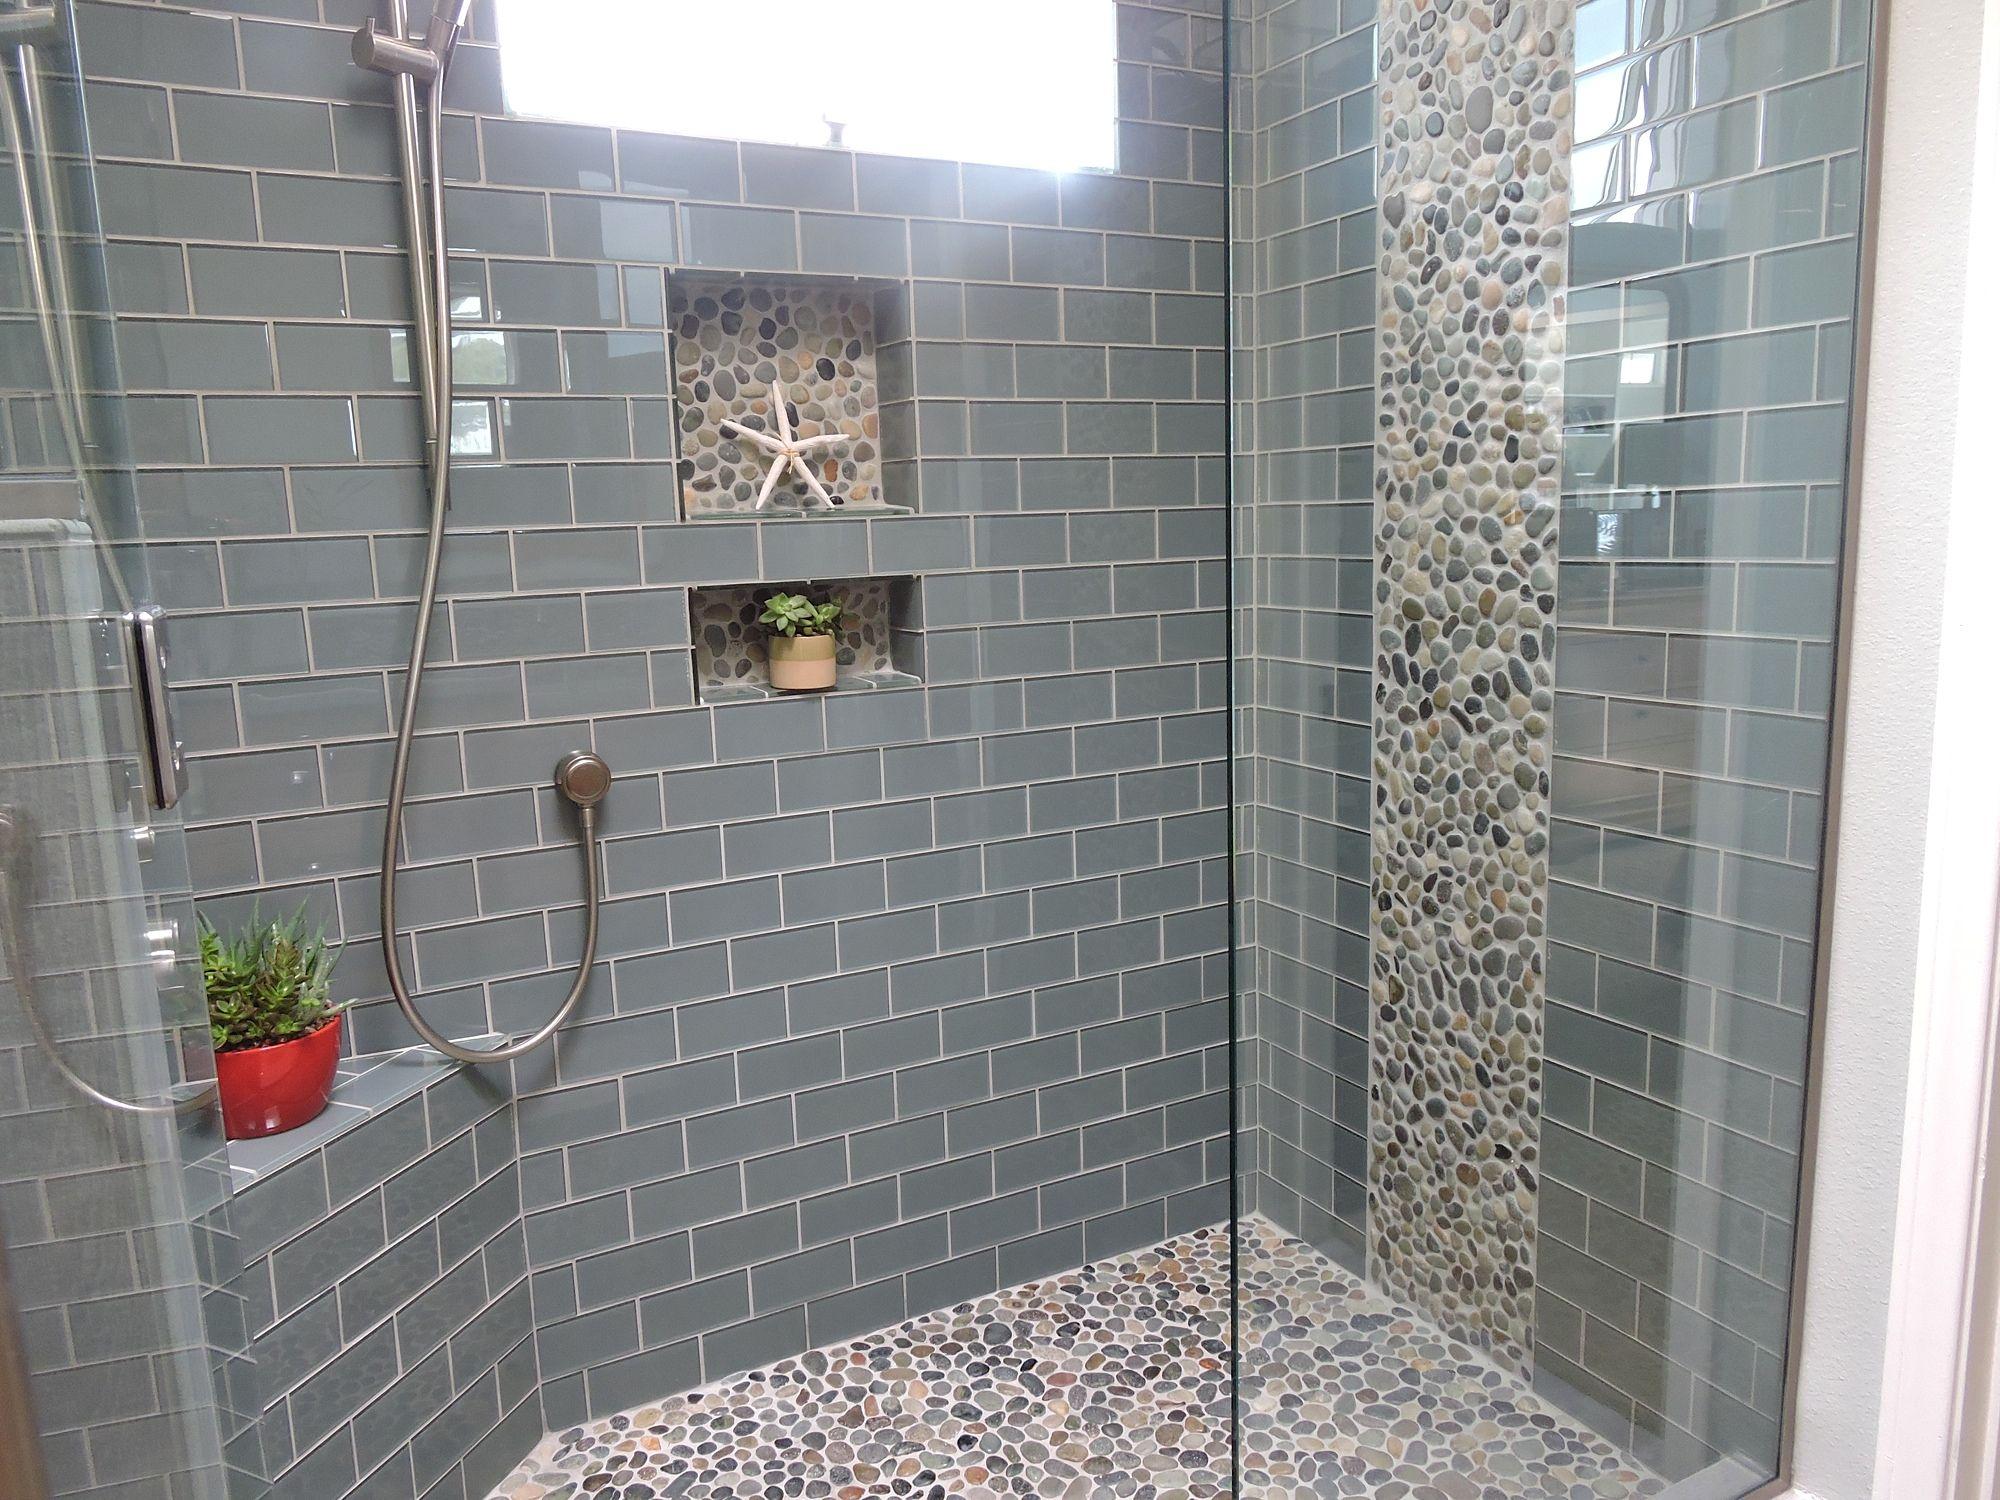 Edle Kieselstein Dusche Boden Sortiert Installation Ideen Ist Sicherlich  Identifiziert Neben Abschnitt Von Beispiel Pebble Dusche Fliesen  Gegenstand, ...